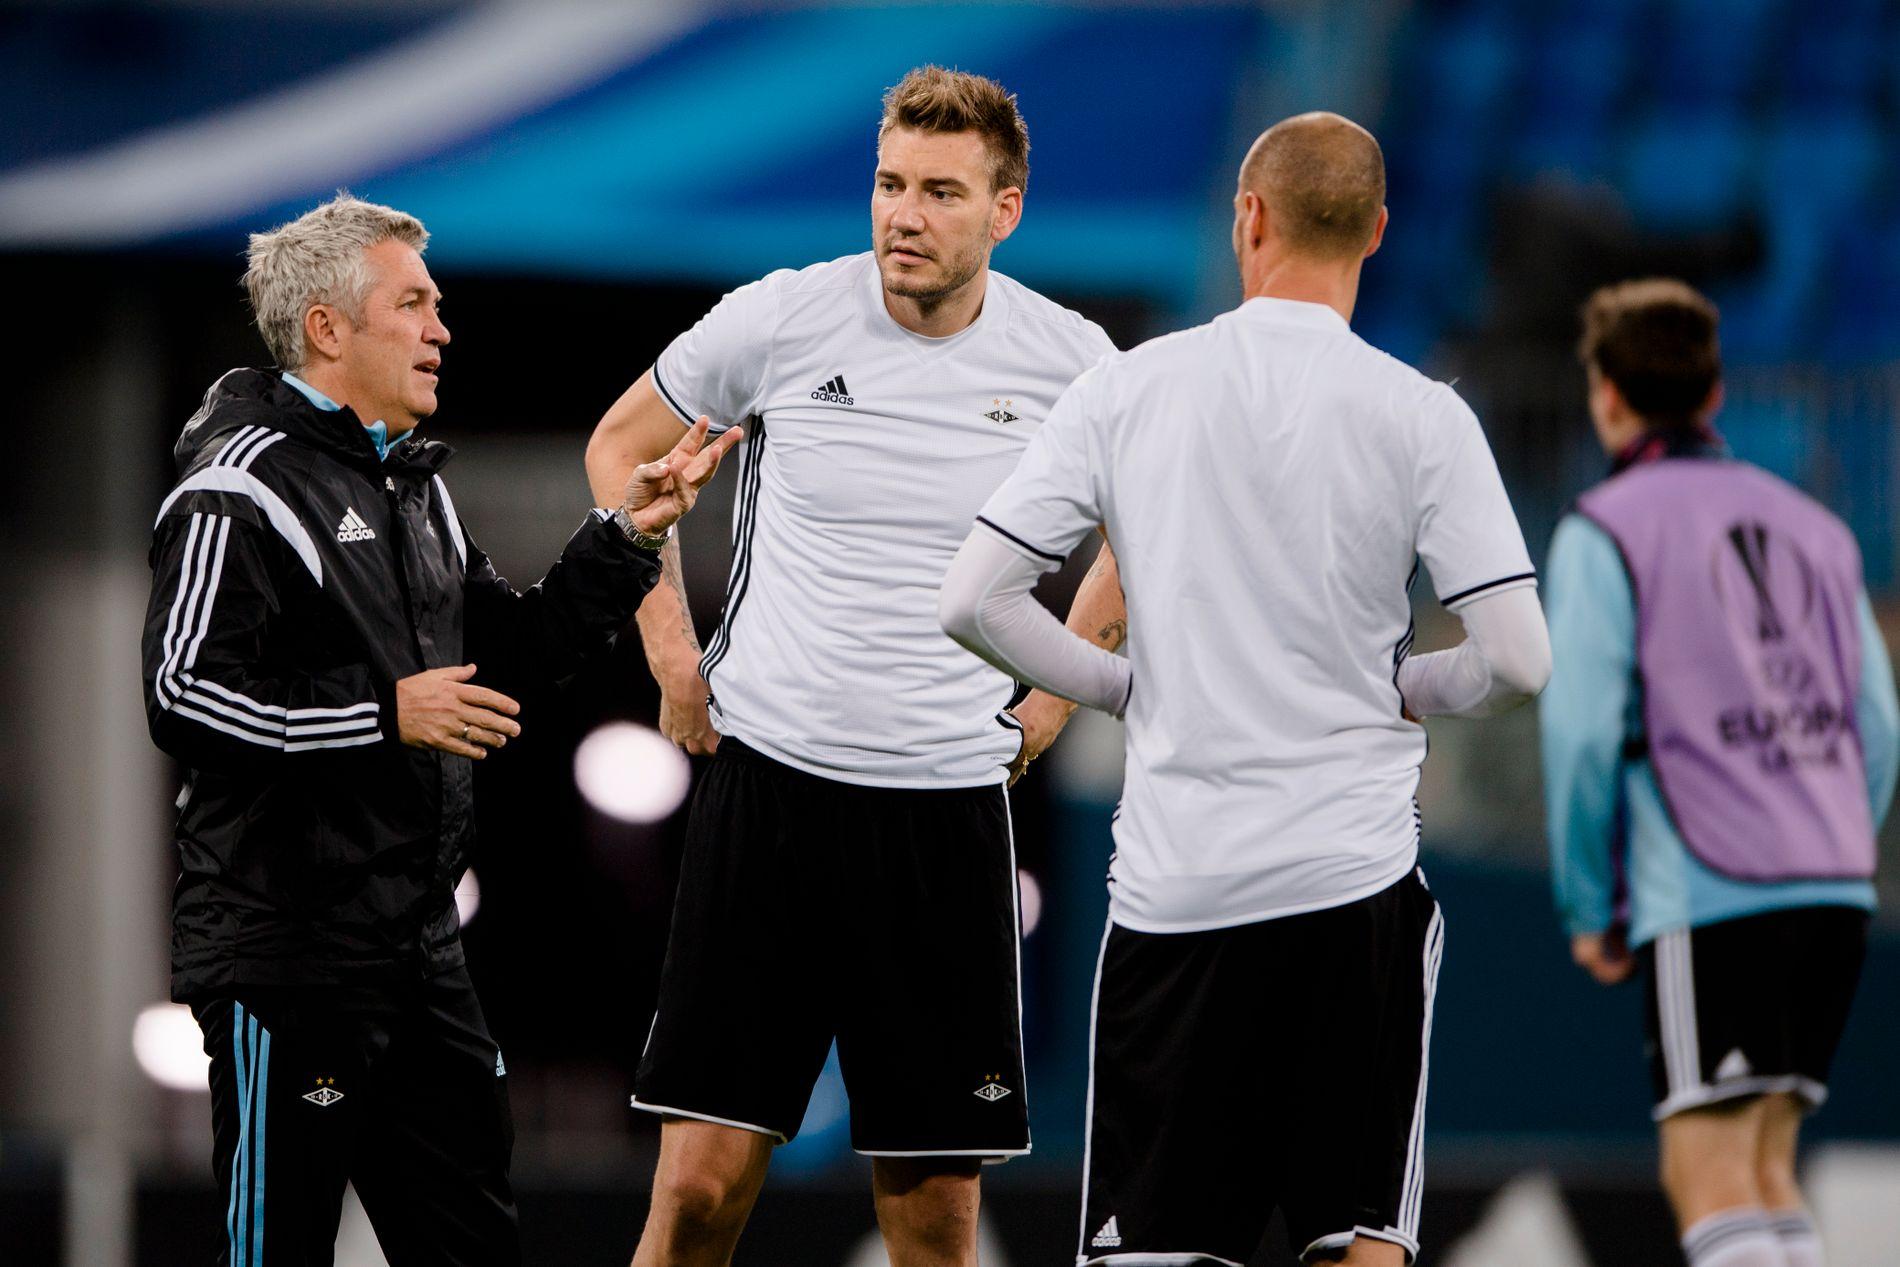 SKAPER OVERSKRIFTER: Nicklas Bendtner (midten) feiret nyttår i Tyrkia. Det førte til kraftige spekulasjoner om en overgang. Her med trener Kåre Ingebrigtsen (t.h.).